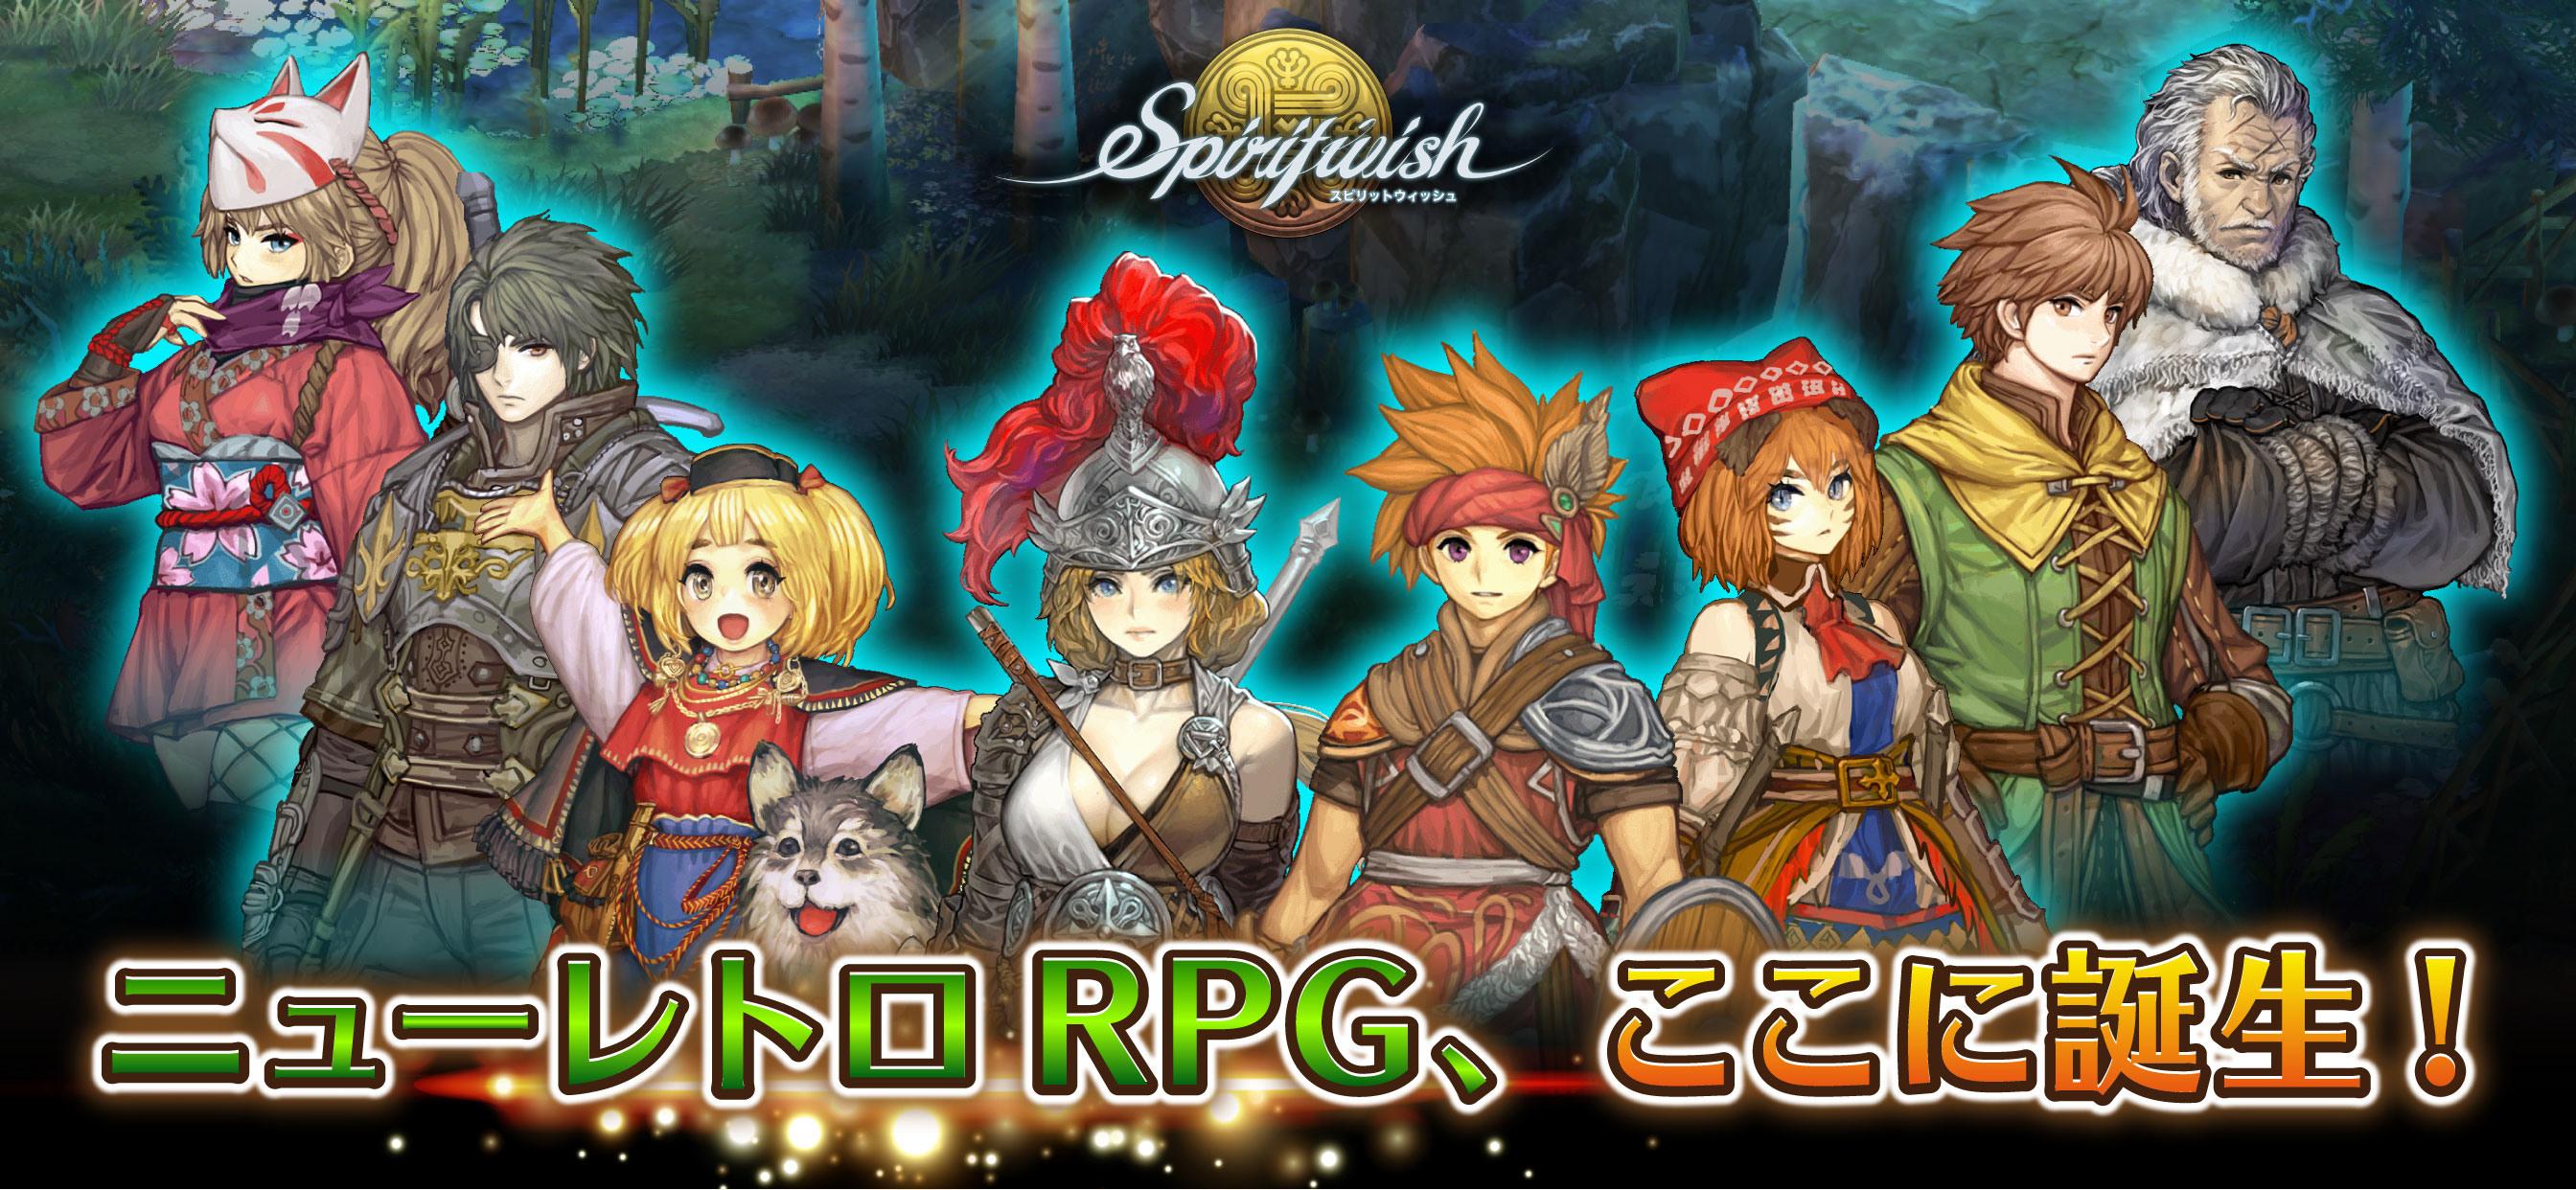 新復古 RPG 《精靈之望》日版啟動事前登錄 同時操作三位角色進行戰鬥!